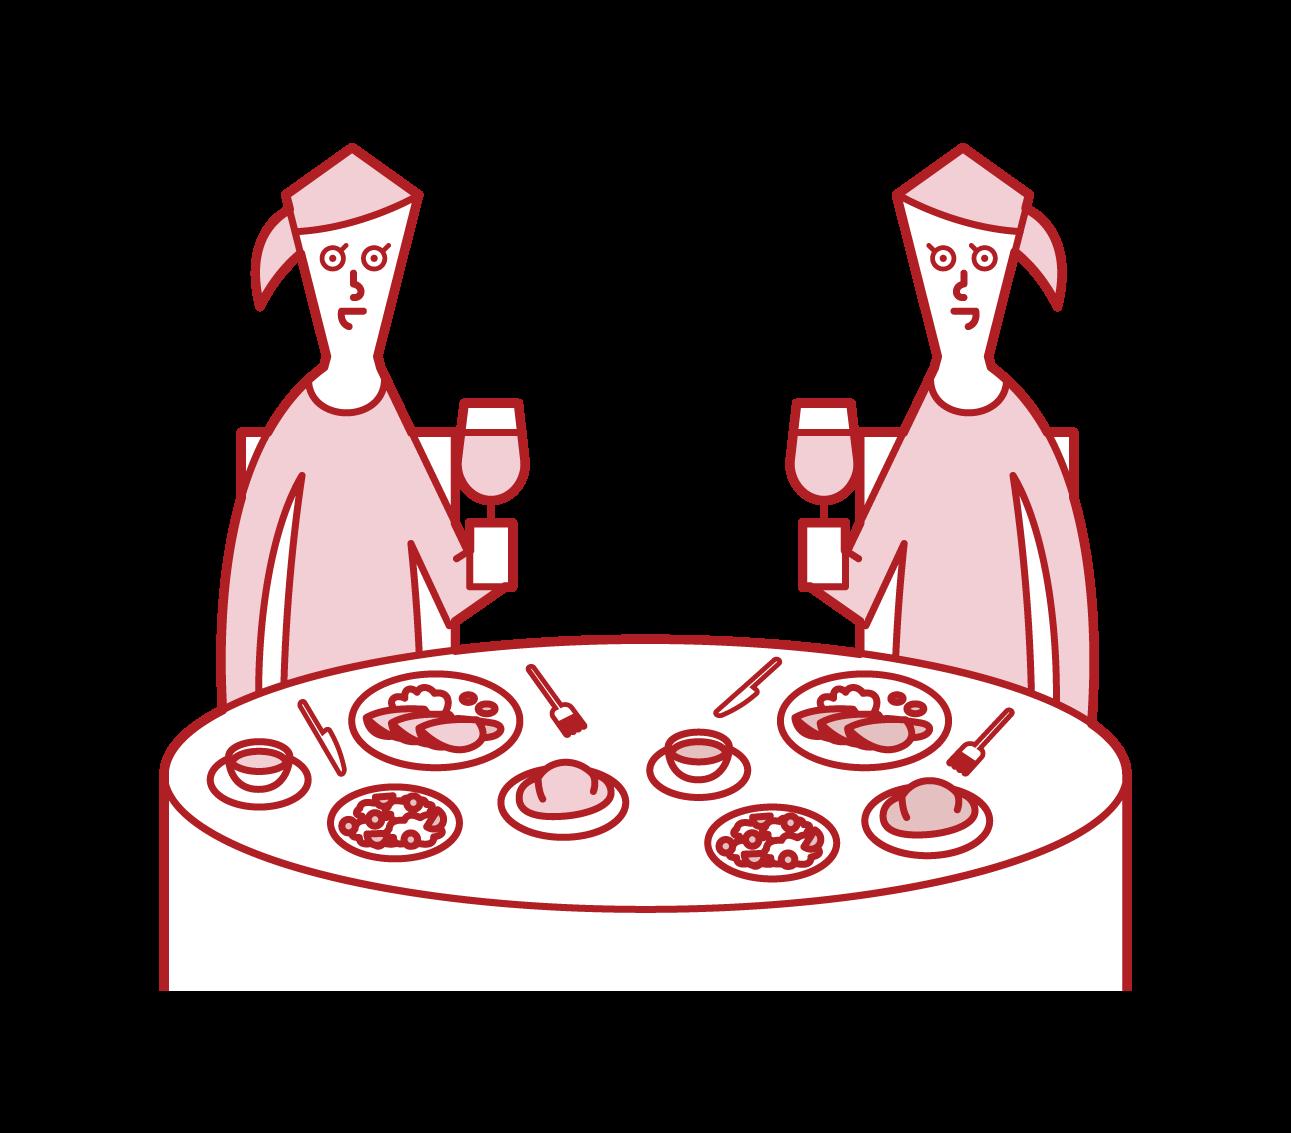 レストランでディナーを楽しむ人たち(女性)のイラスト